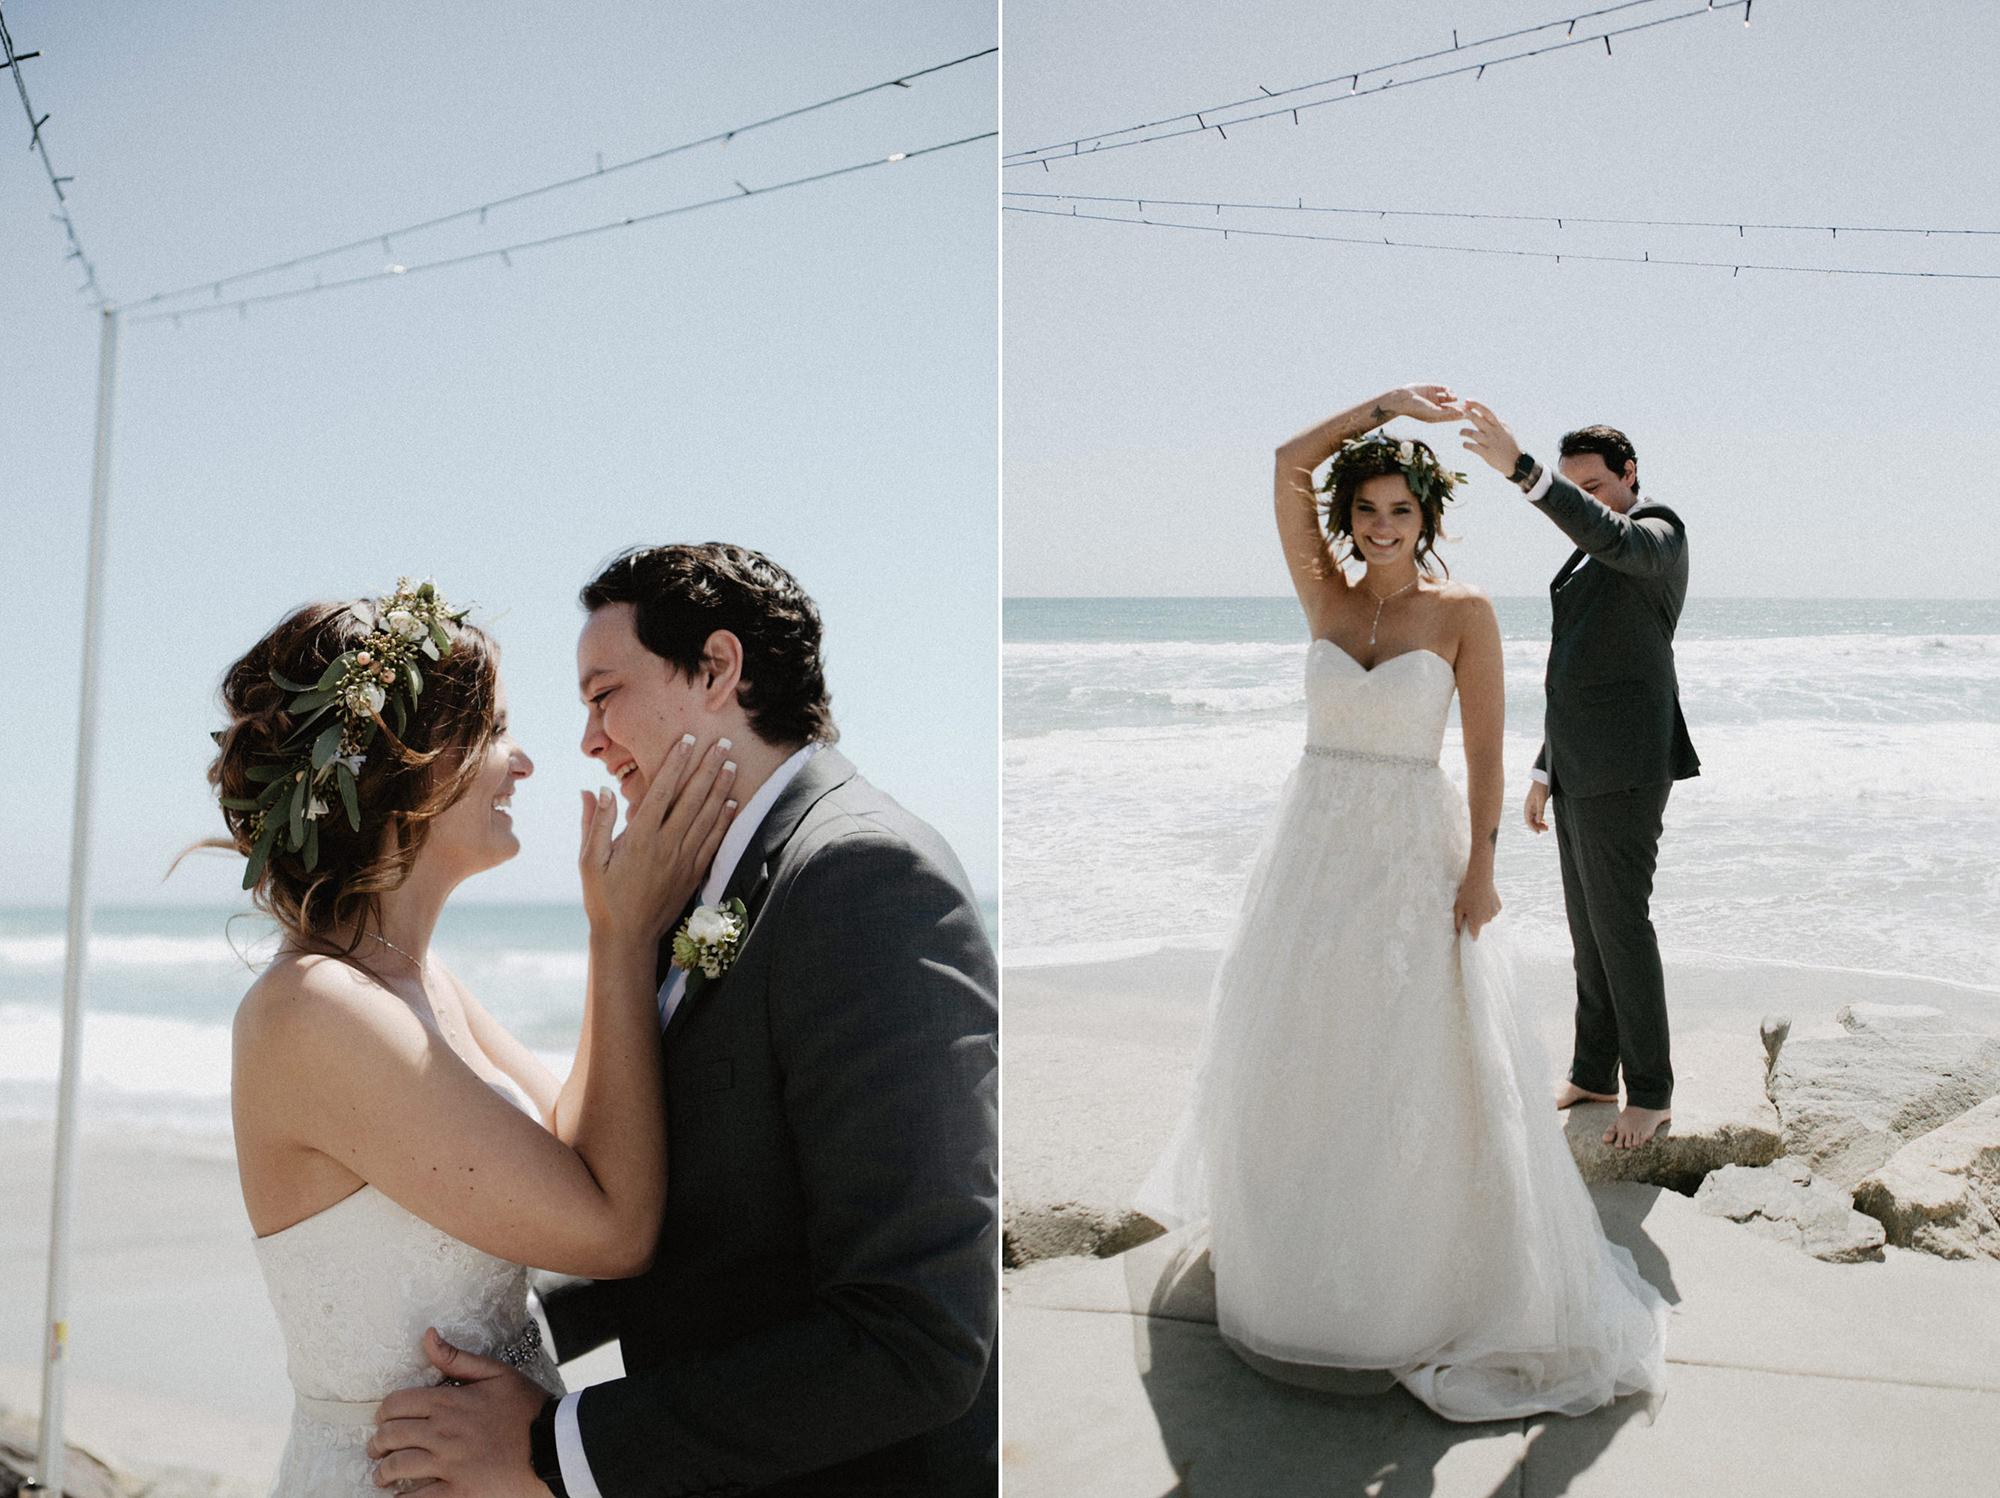 oceanside_airbnb_wedding-8.jpg